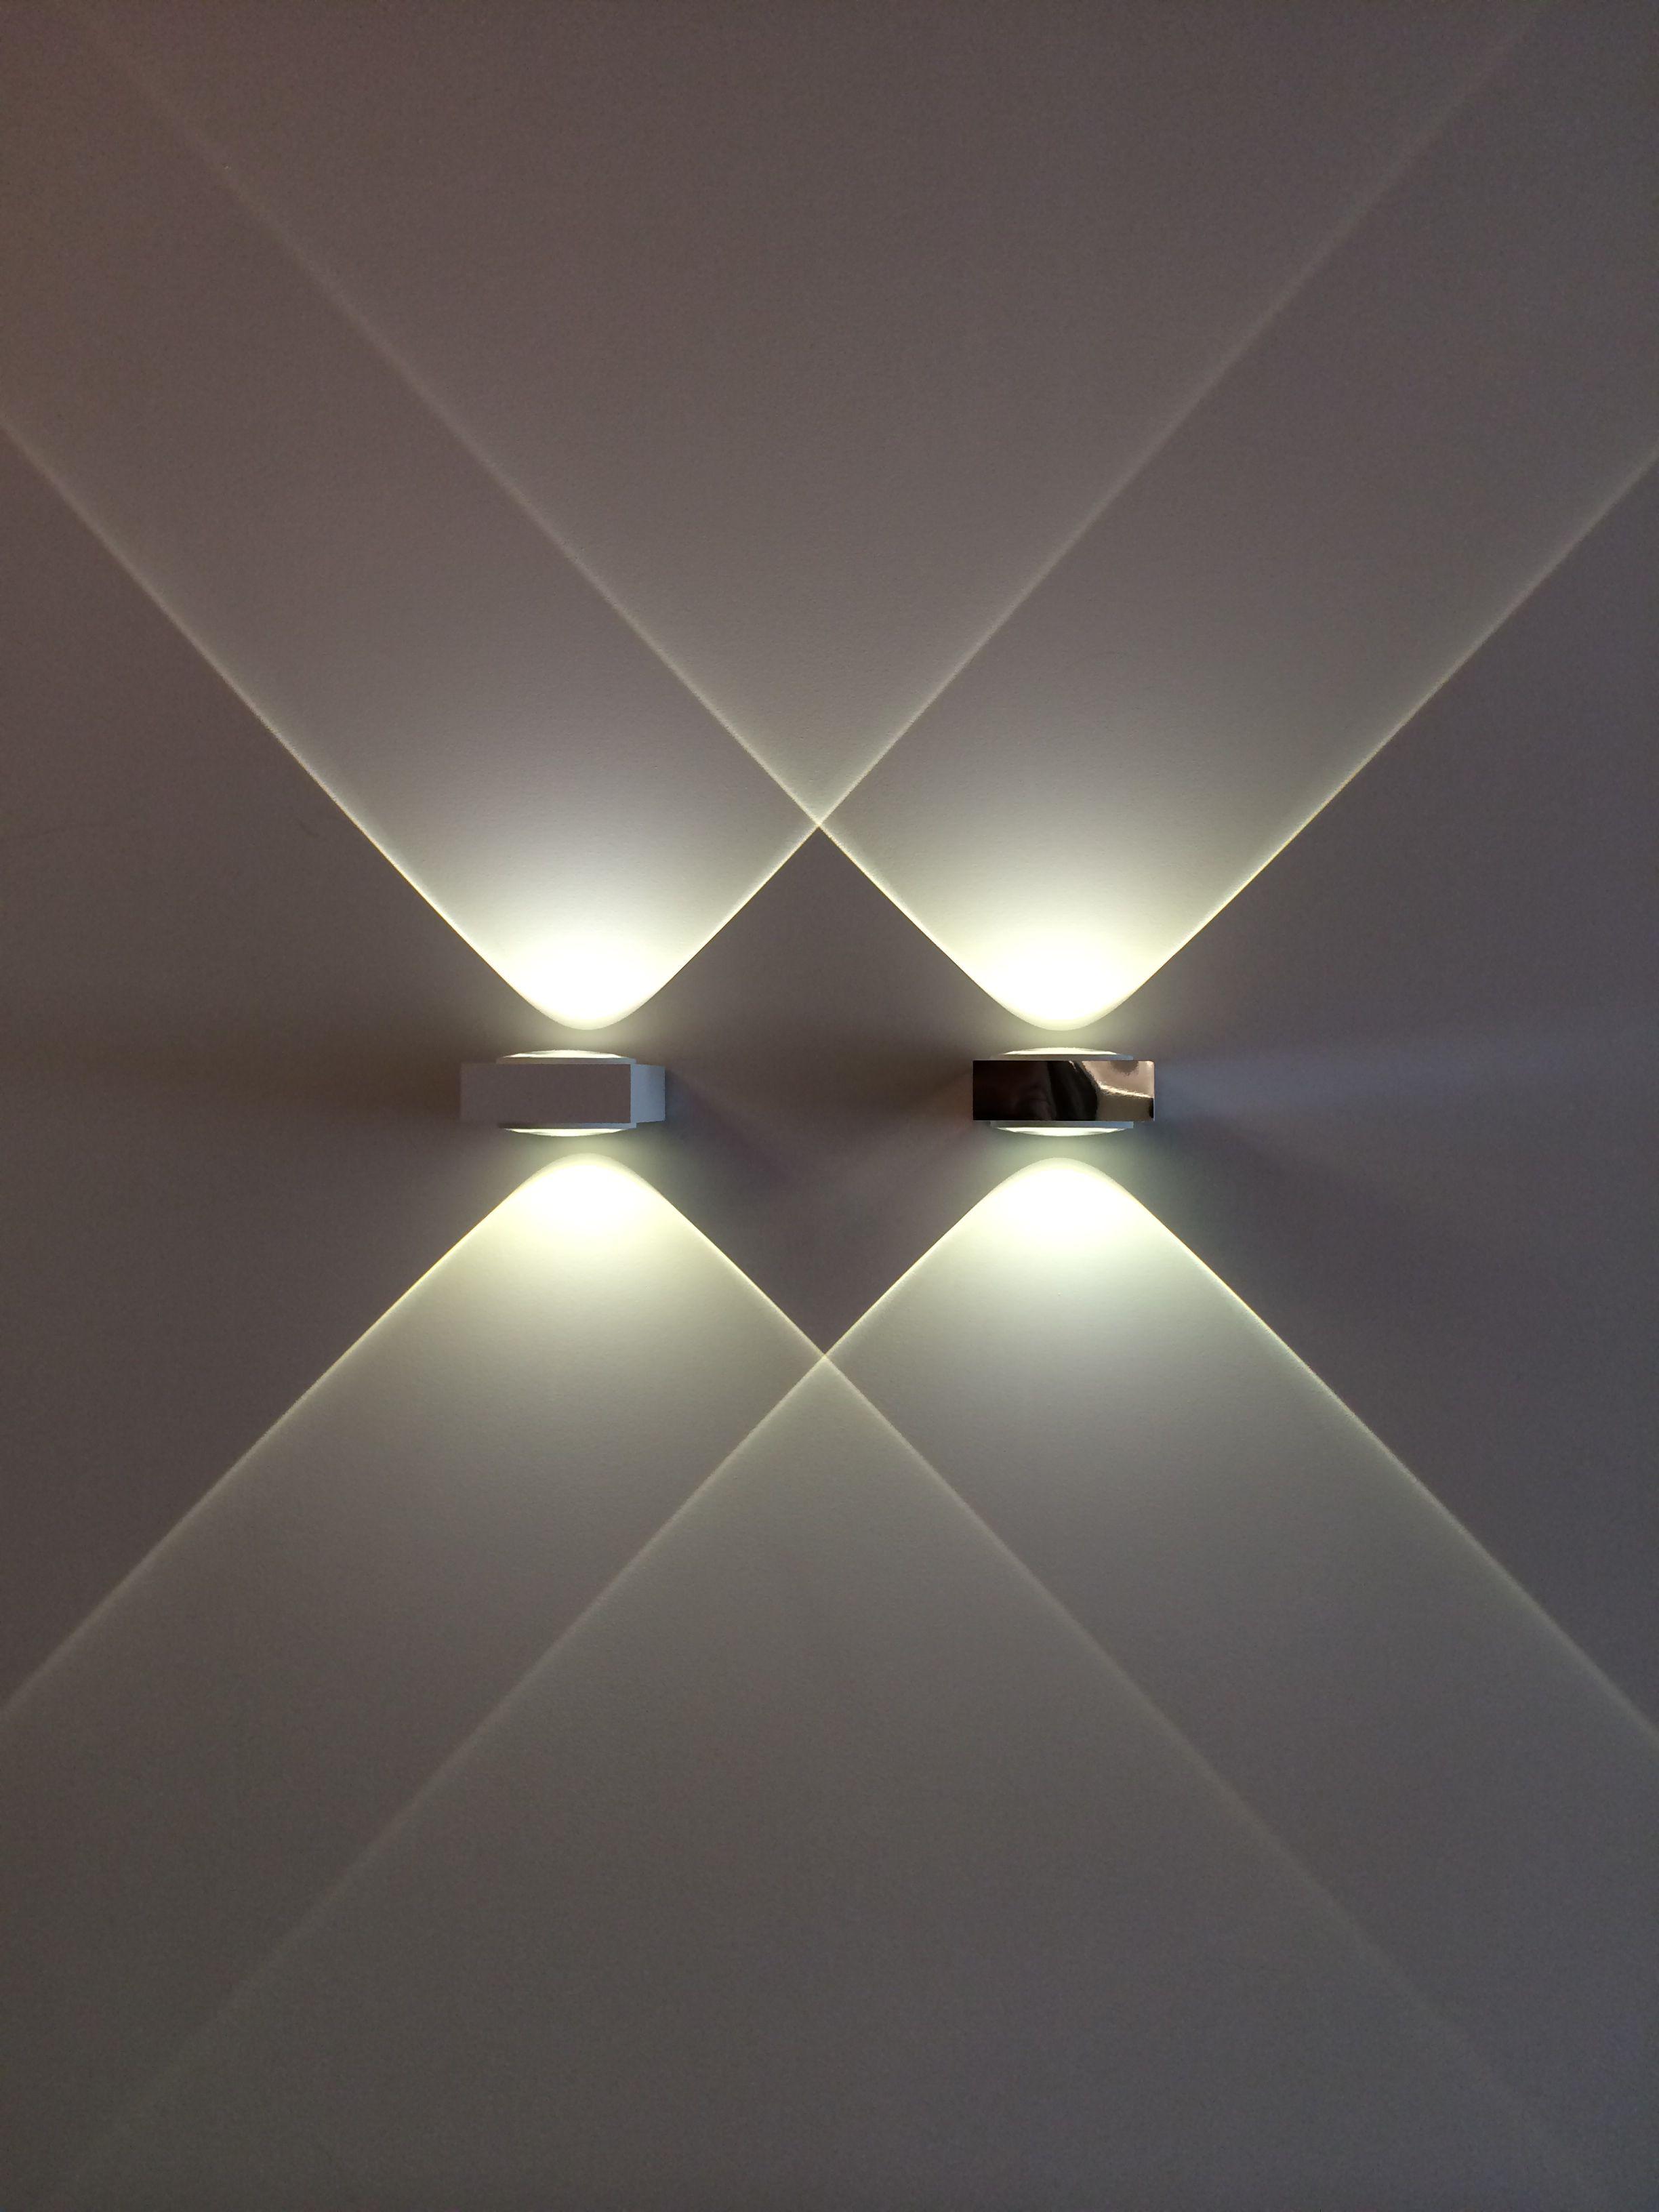 pingl par solene didier sur maison beleuchtung indirekte beleuchtung et beleuchtung decke. Black Bedroom Furniture Sets. Home Design Ideas